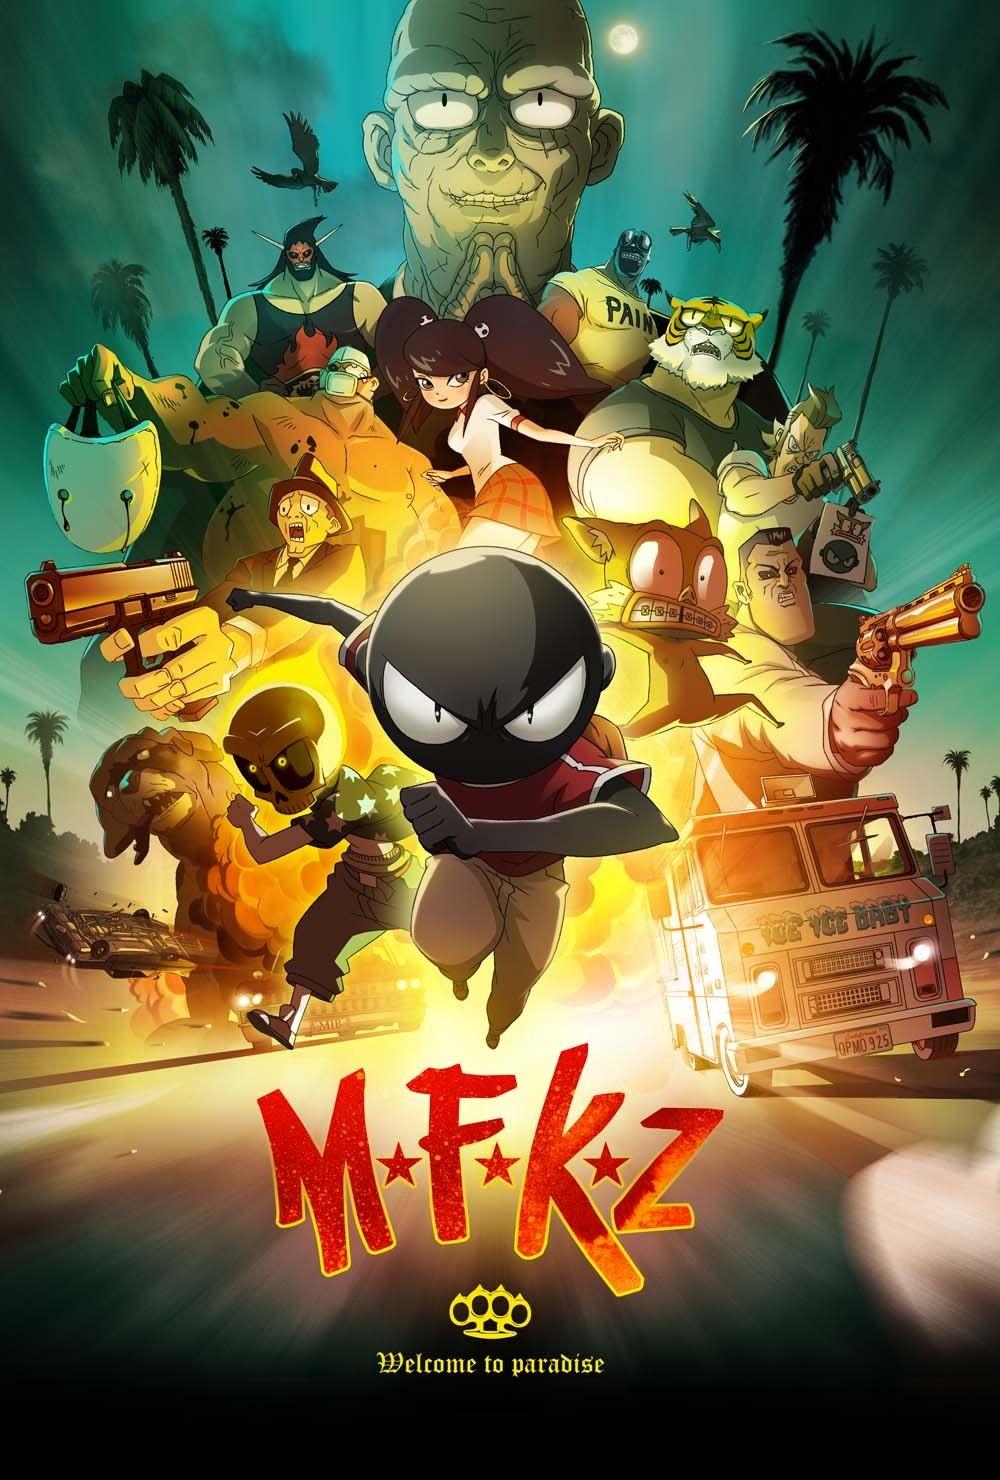 Download film mfkz 2018 full movie subtitle indonesia mp4 mhd 240p 360p 480p 720p 1080p hardsub sub indo